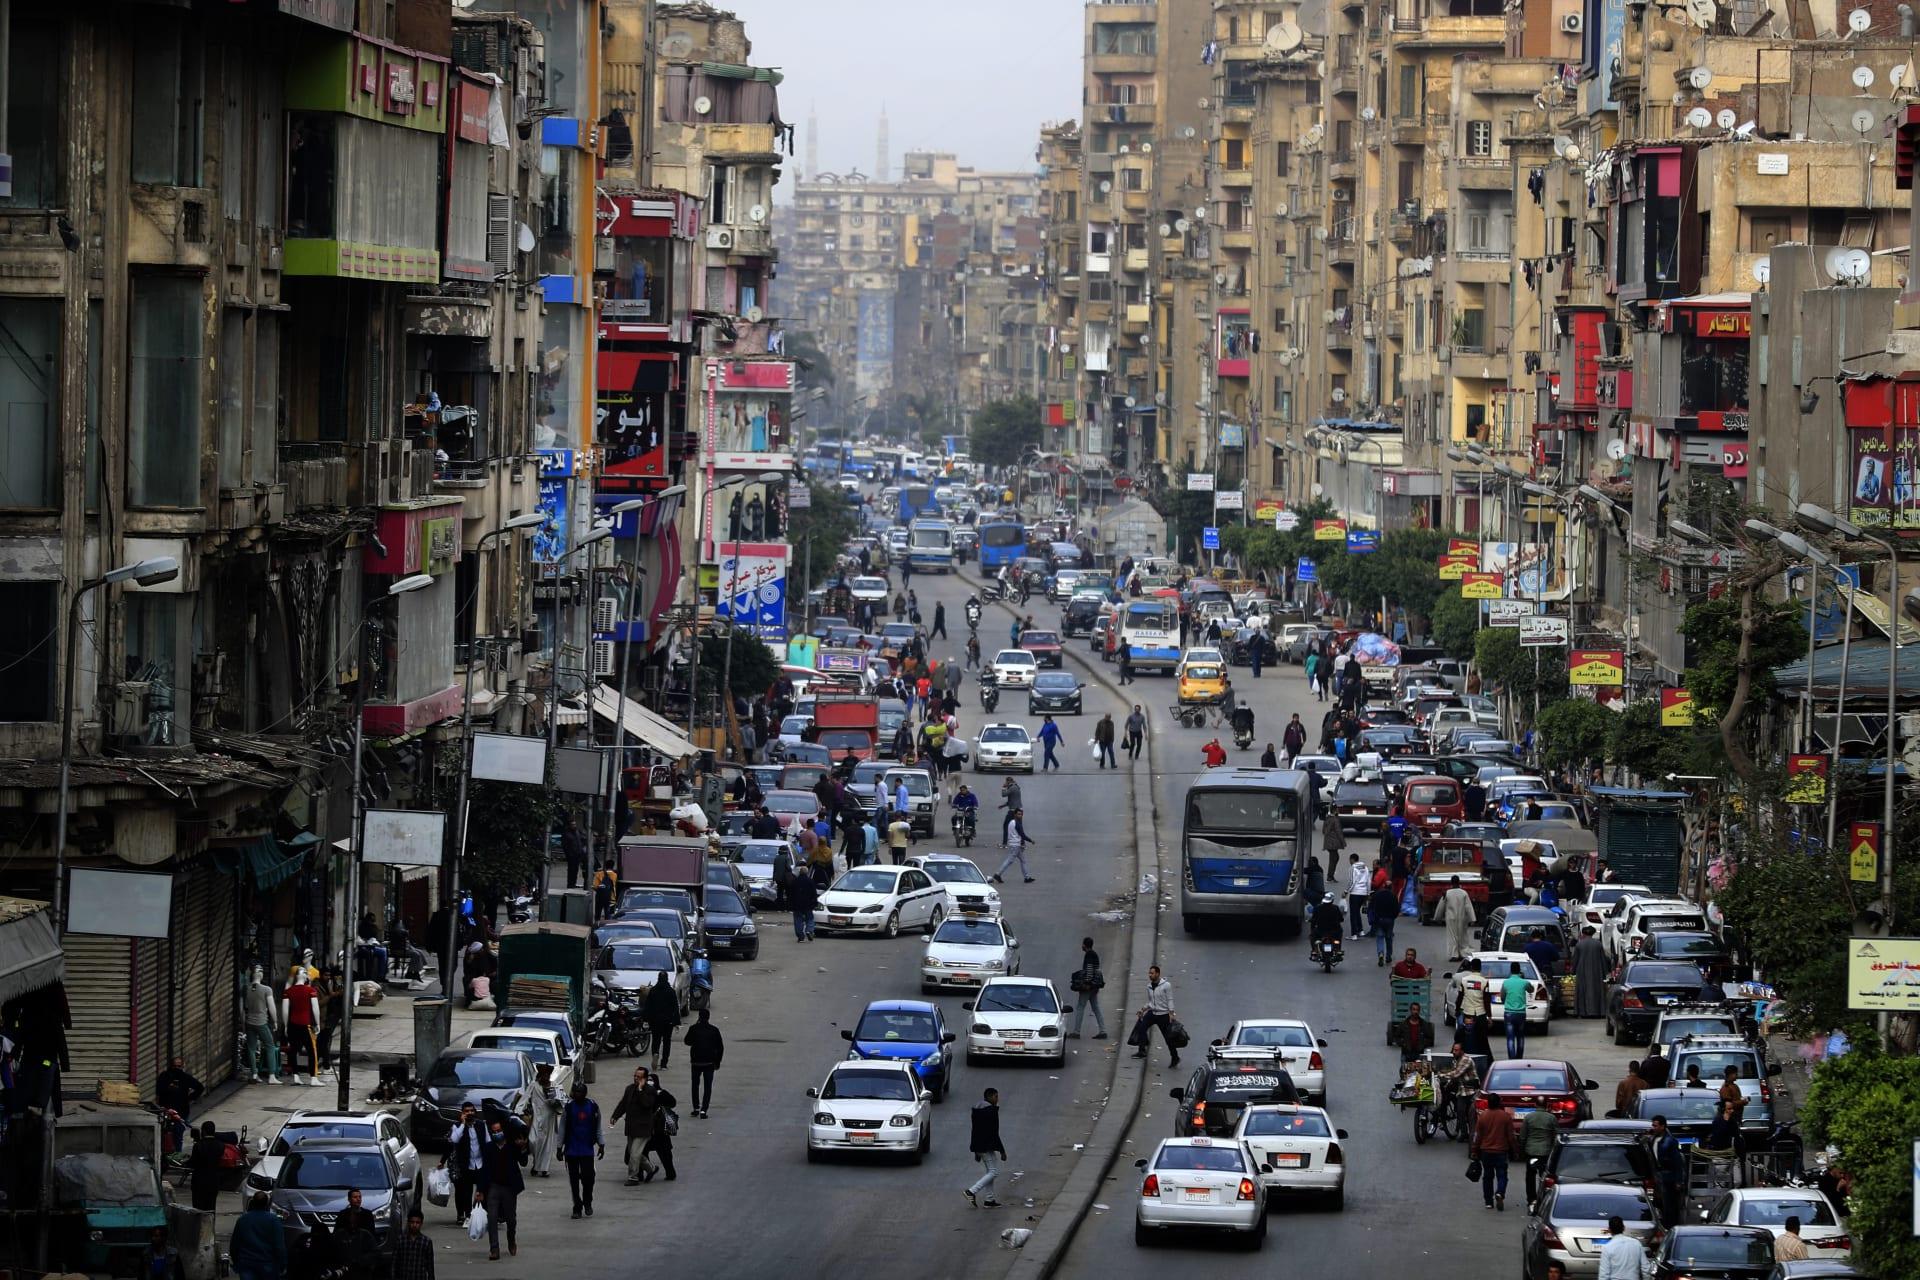 زحام مروري في أحد شوارع العاصمة المصرية القاهرة